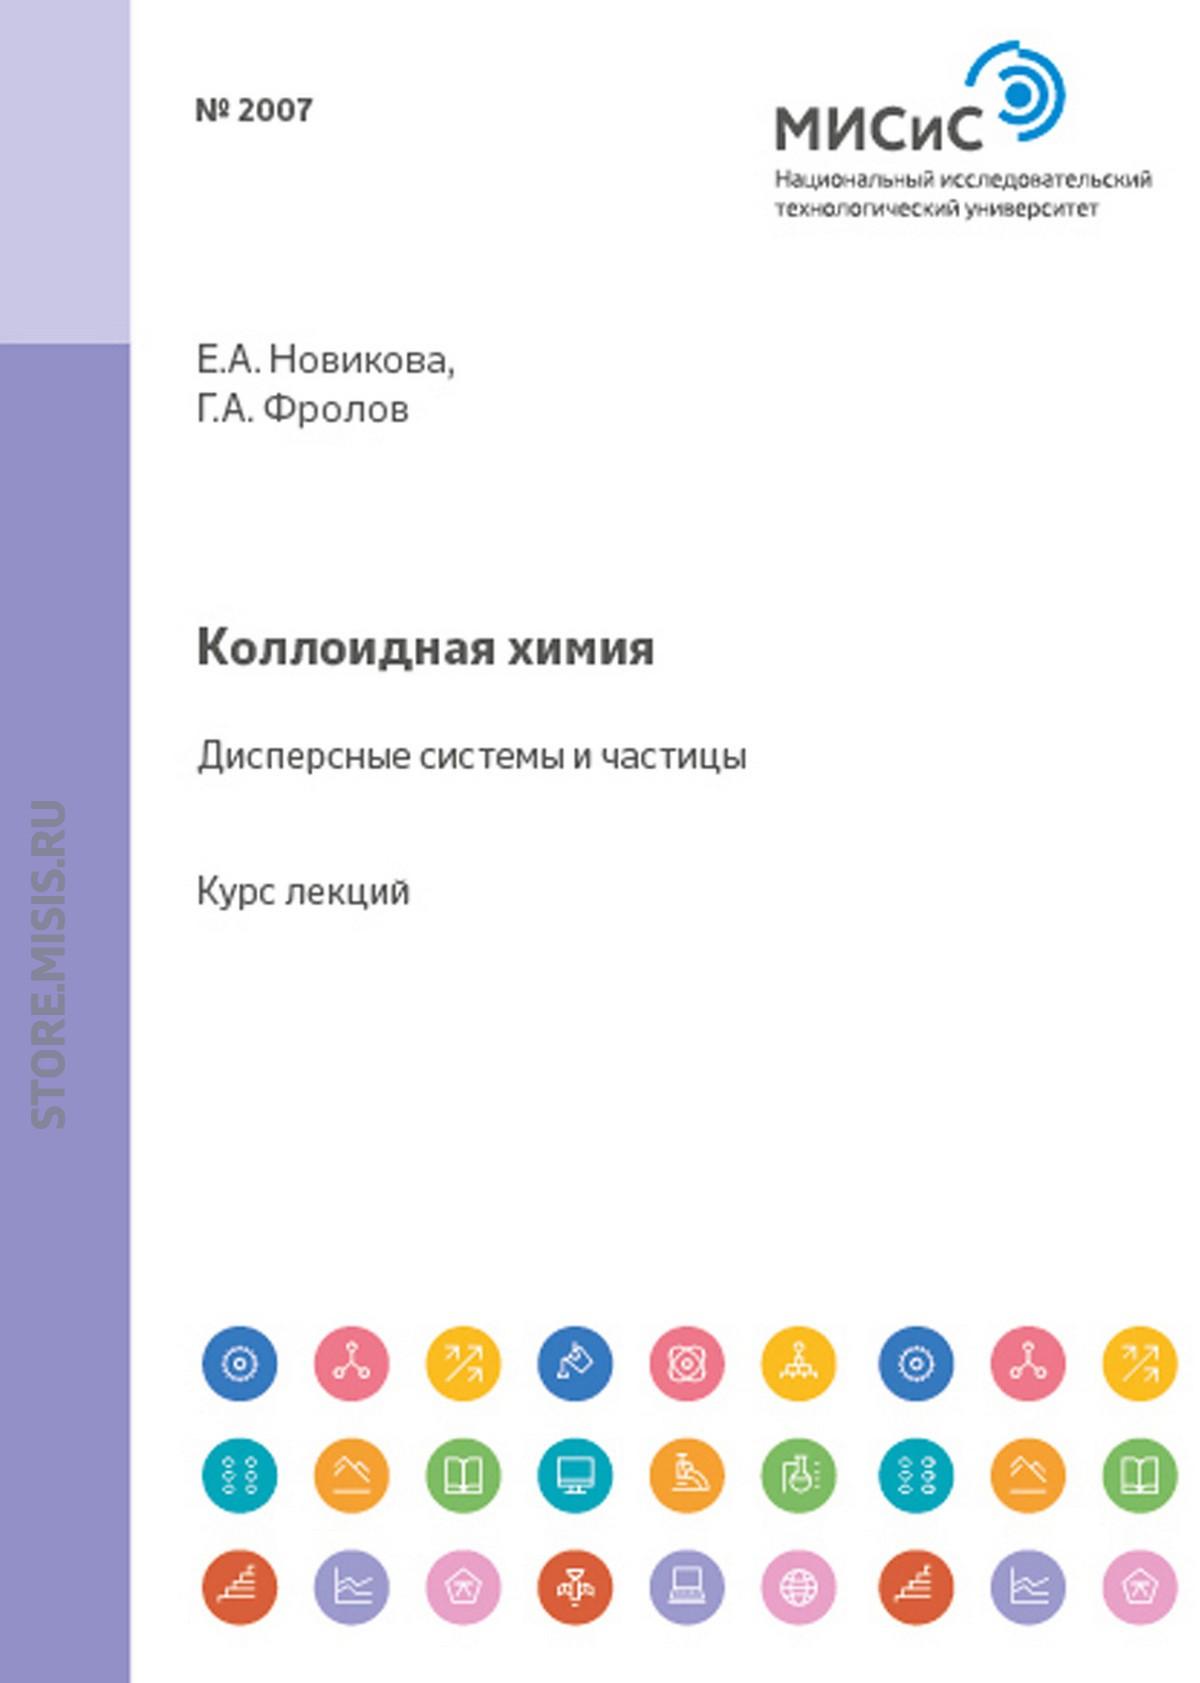 Е. А. Новикова Коллоидная химия. Дисперсные системы и частицы зеленев е и введение в востоковедение общий курс